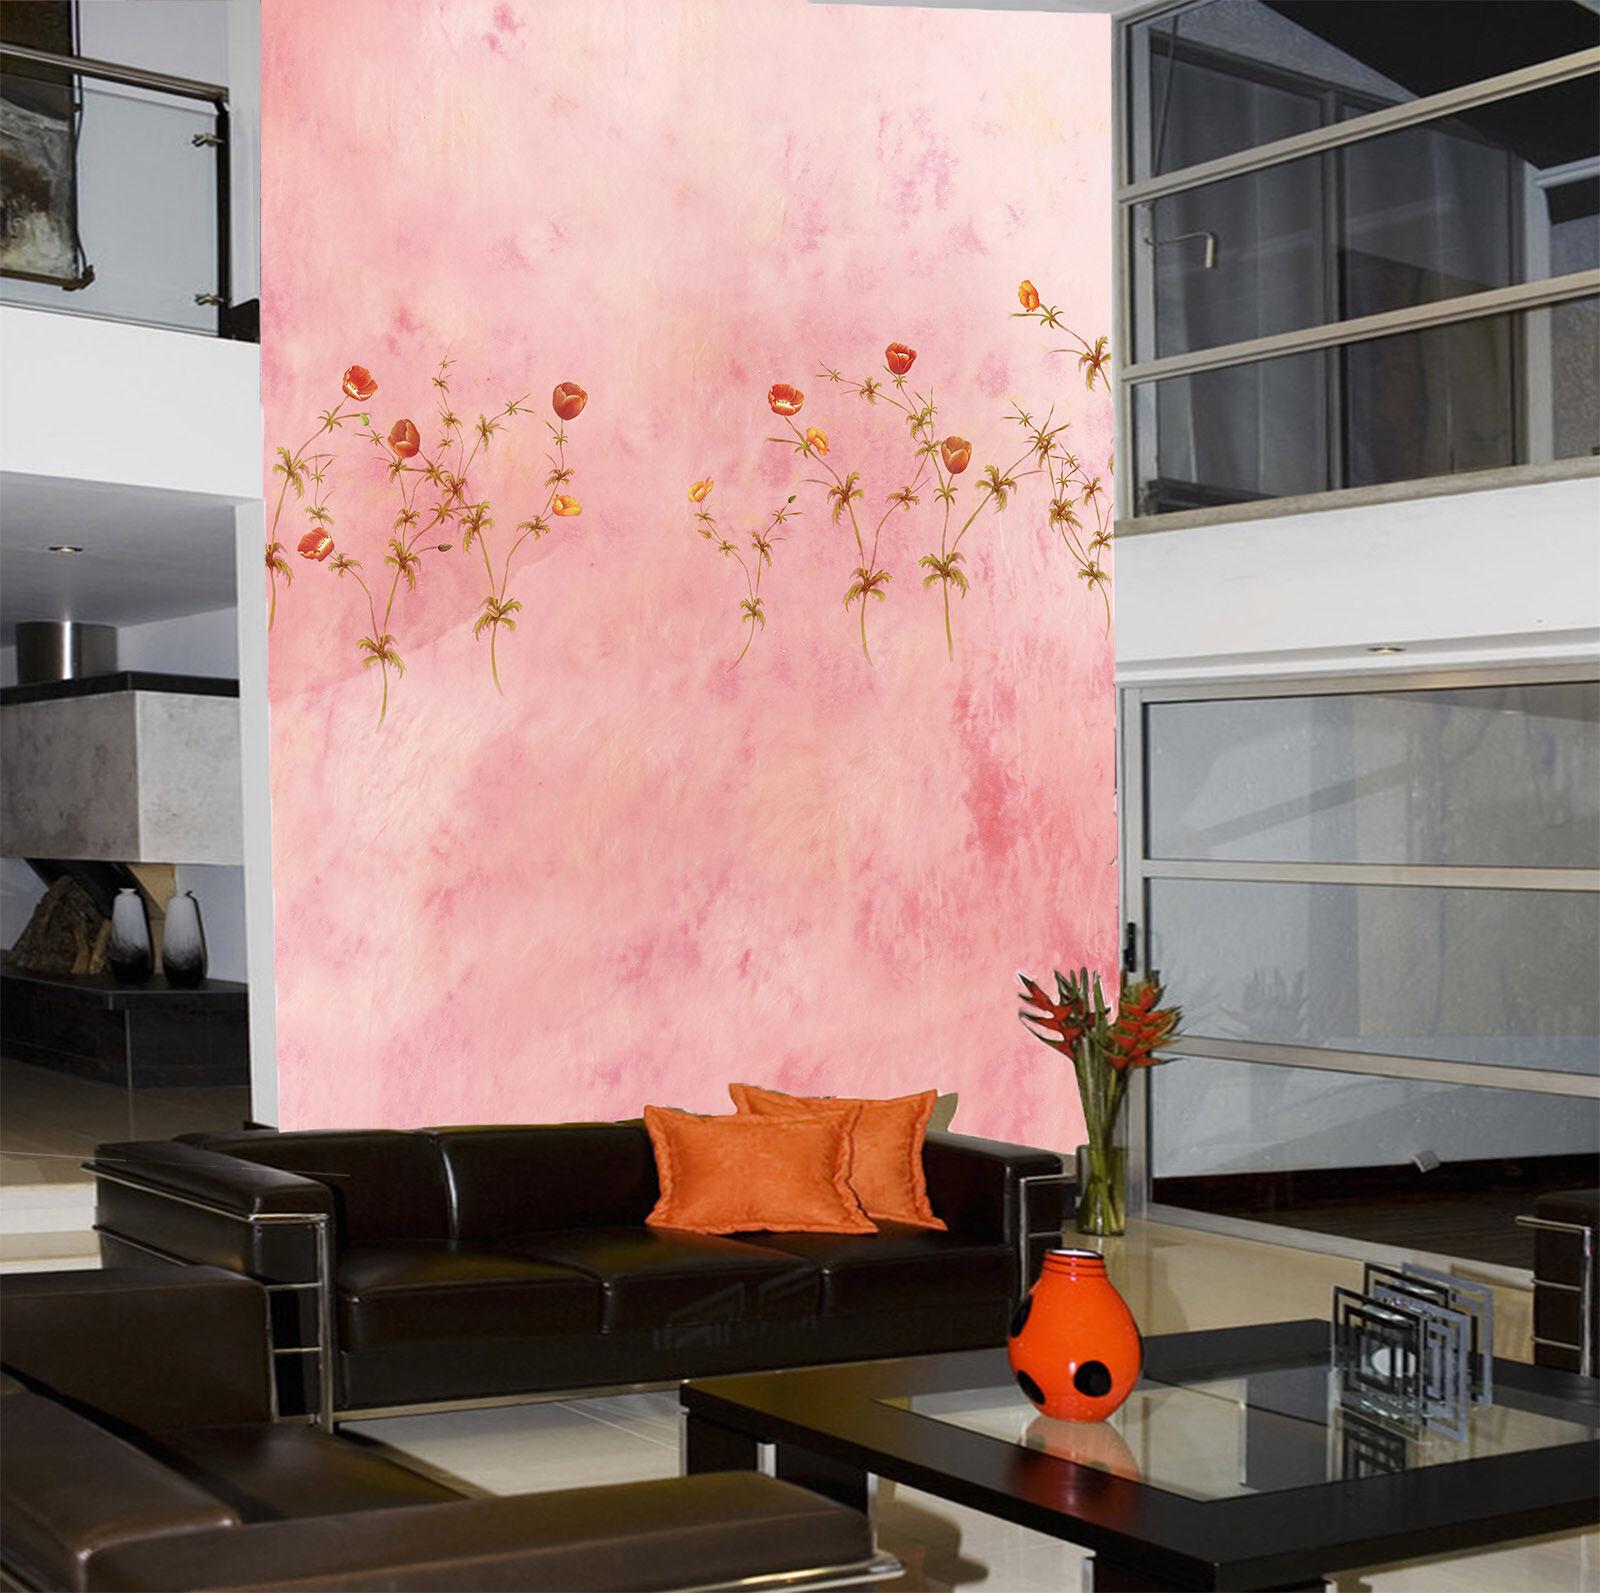 Papel Pintado Mural De Vellón pink De Flores Paredes 3 Paisaje Fondo De Pansize